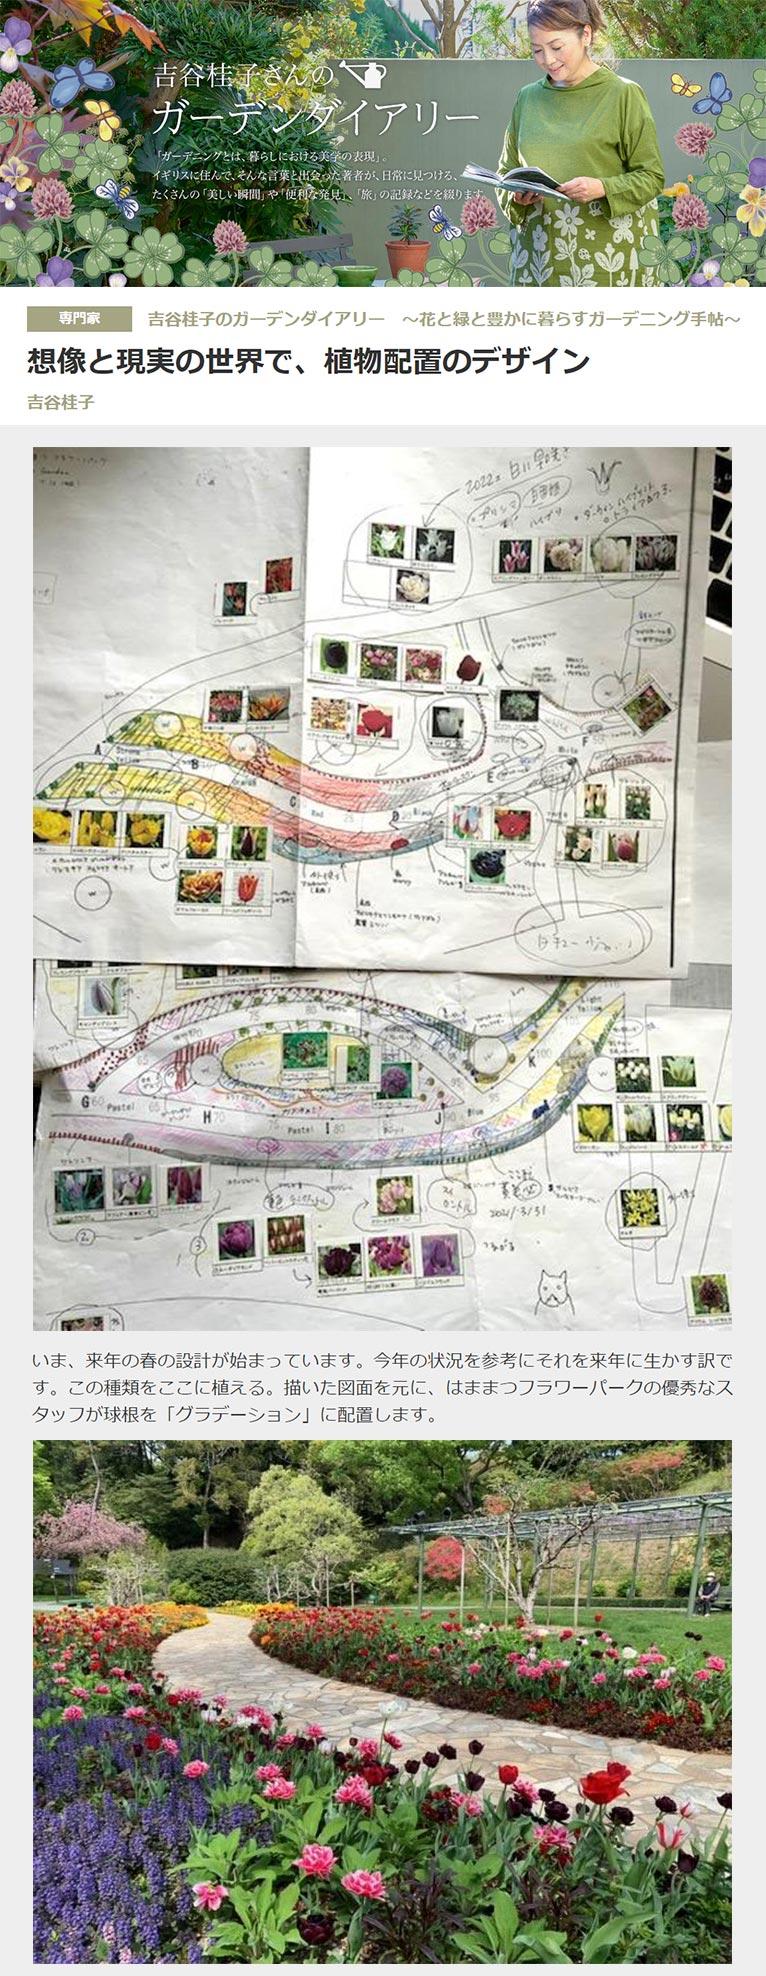 想像と現実の世界で、植物配置のデザイン 吉谷桂子のガーデンダイアリー ~花と緑と豊かに暮らすガーデニング手帖~